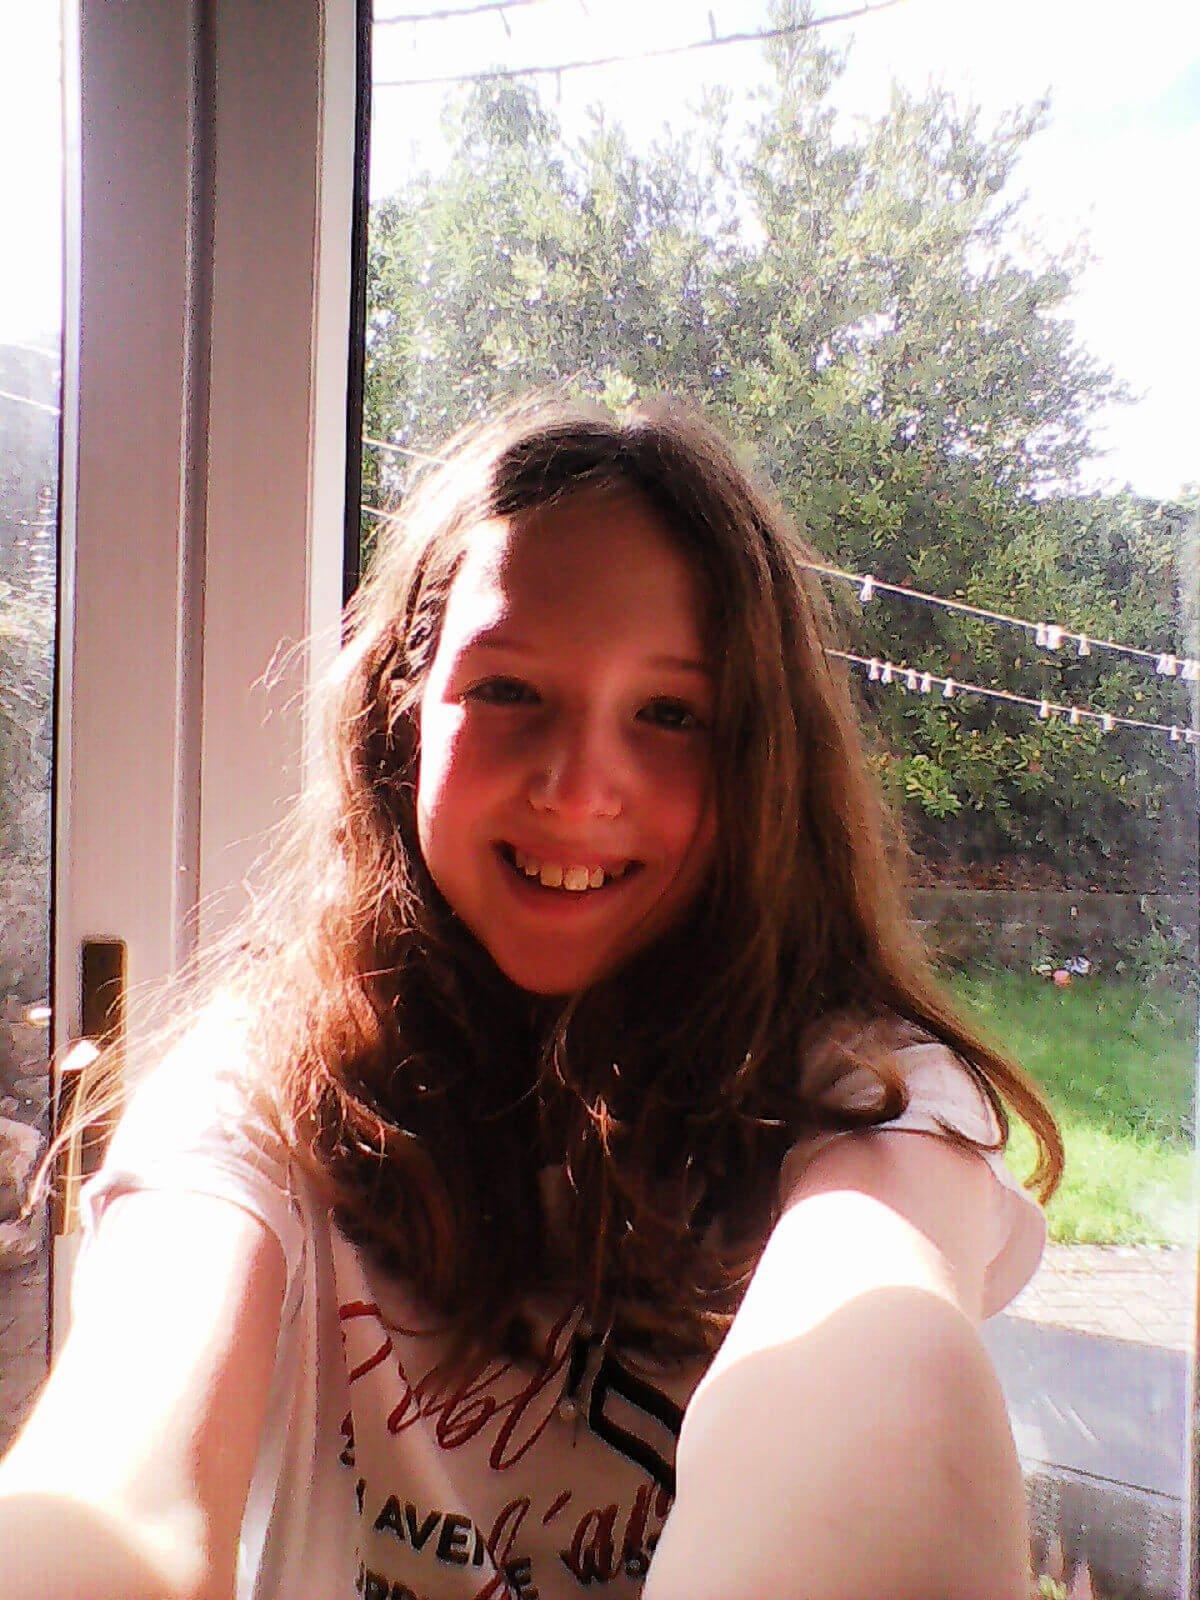 family mobile - Nokia 3310 3G Caitlin Hobbis selfie